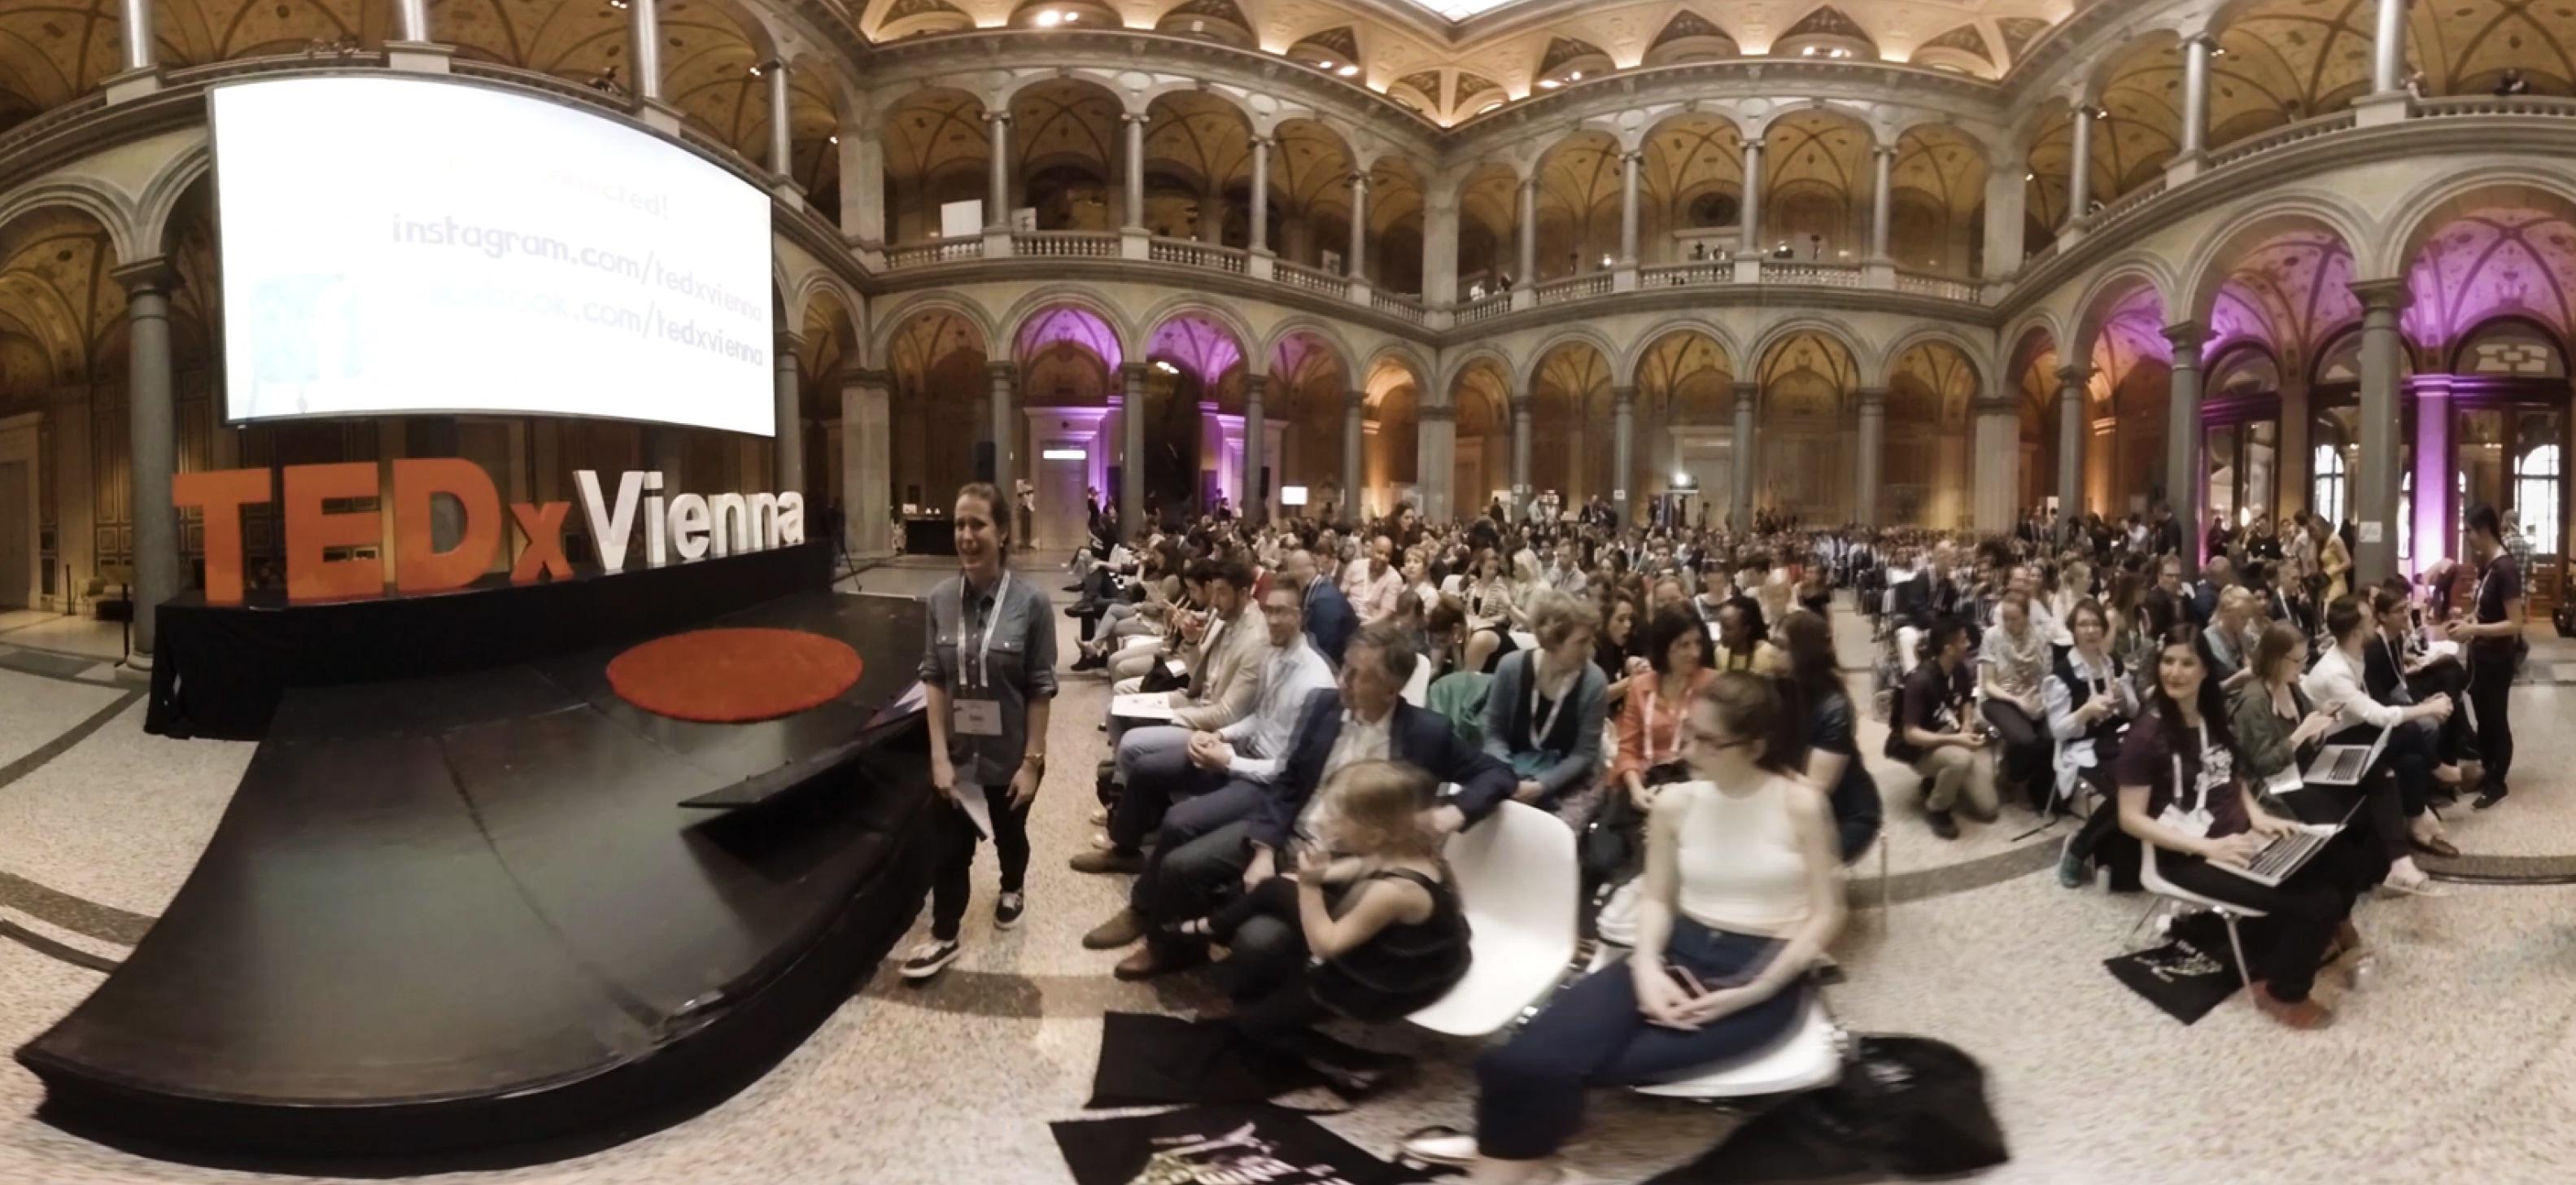 """Im Rahmen von TEDxVienna """"The Future of Intimacy"""" wurden zwei VR 360 Videos gedreht. So konnten TEDxVienna Fans überall live dabei sein!"""